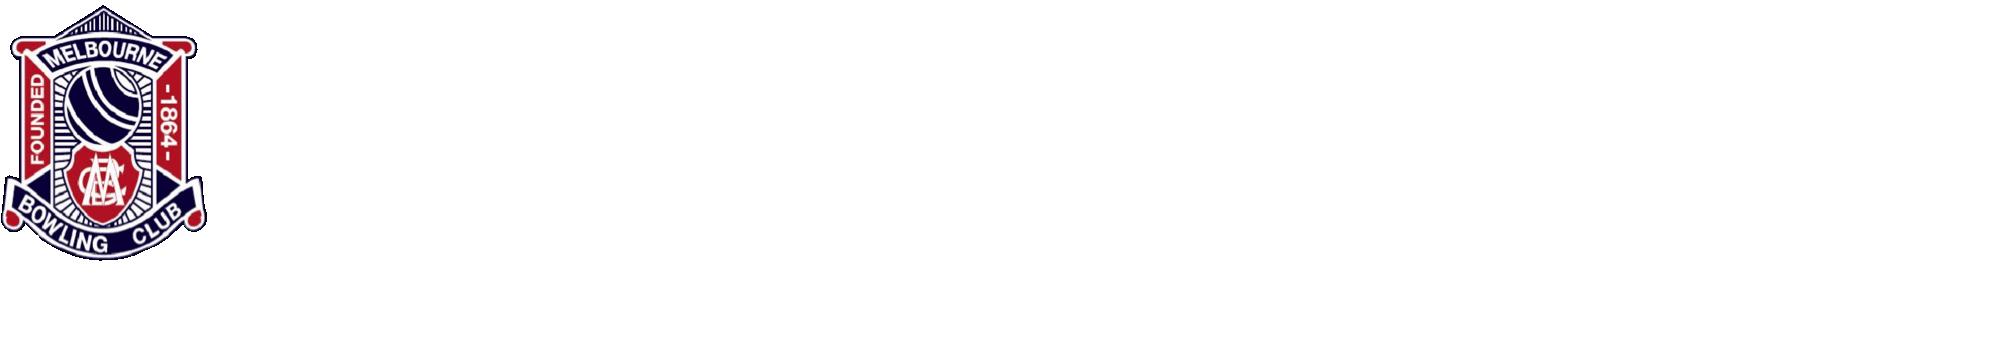 Melbourne Bowling Club